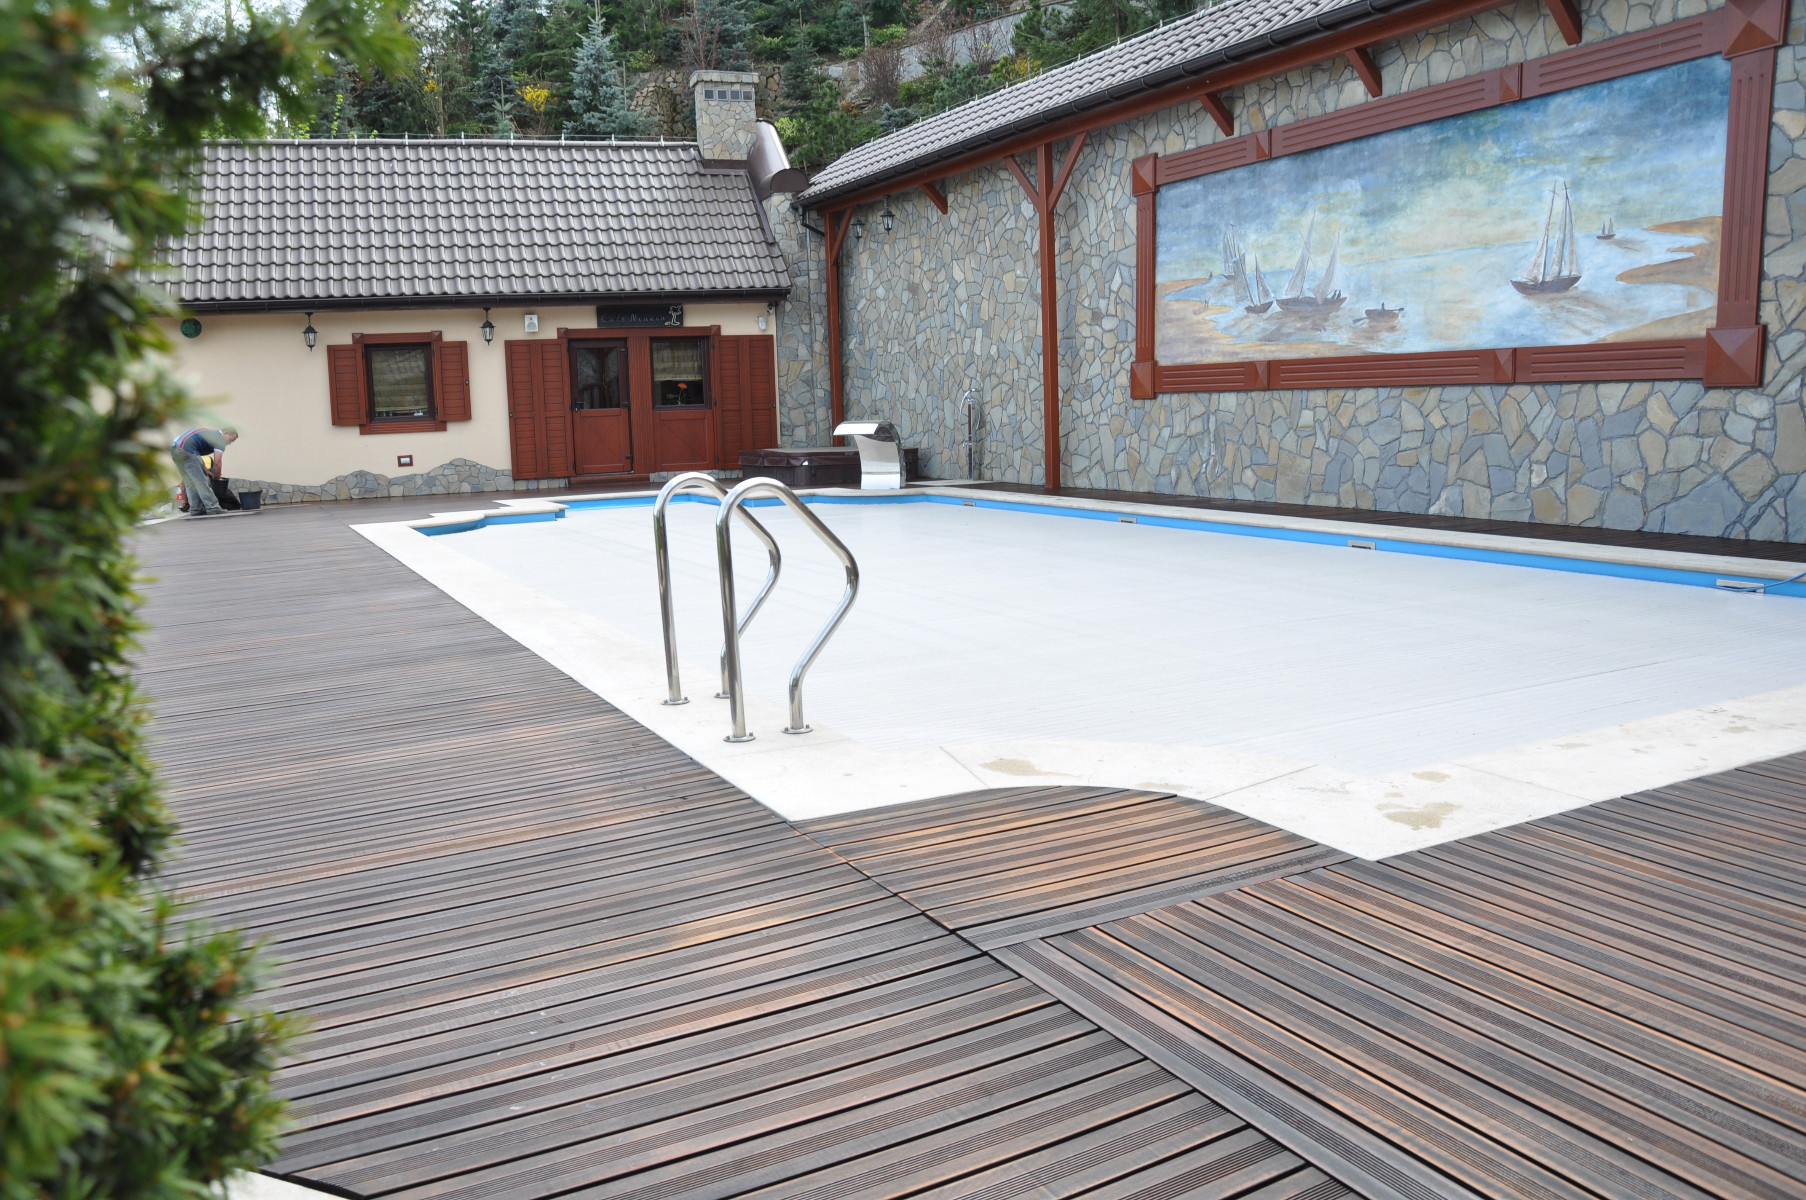 ogród zimowy, oranżeria, taras drewniany, taras nad basenem, drewno egzotyczne